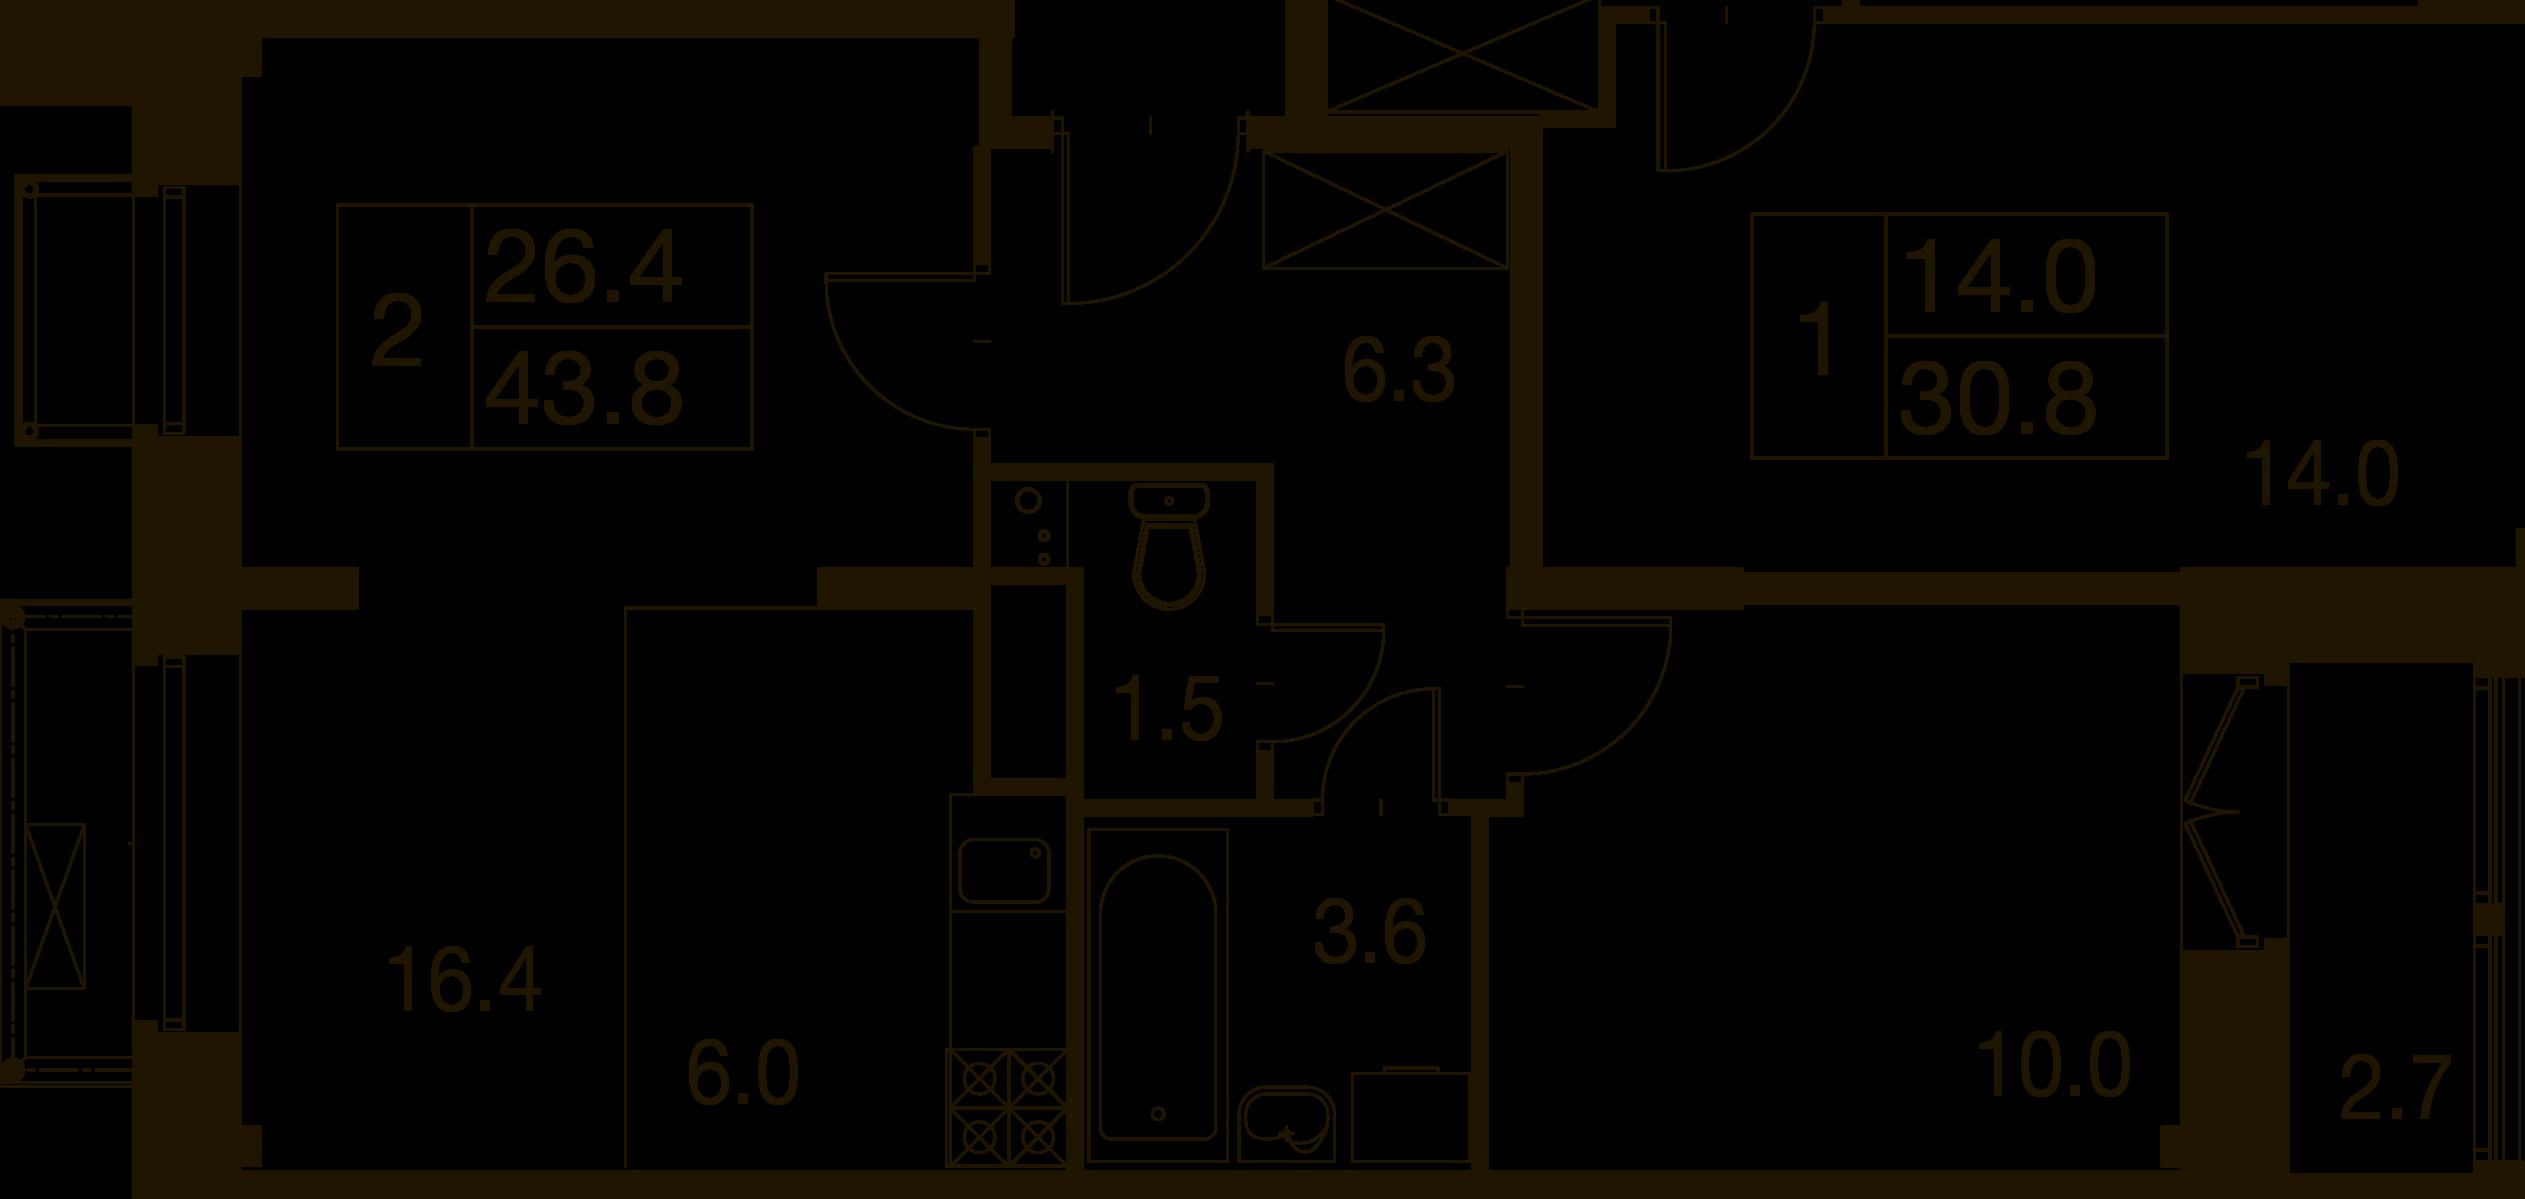 2-комнатная квартира в Митино О2, дом №7, квартира №07-375